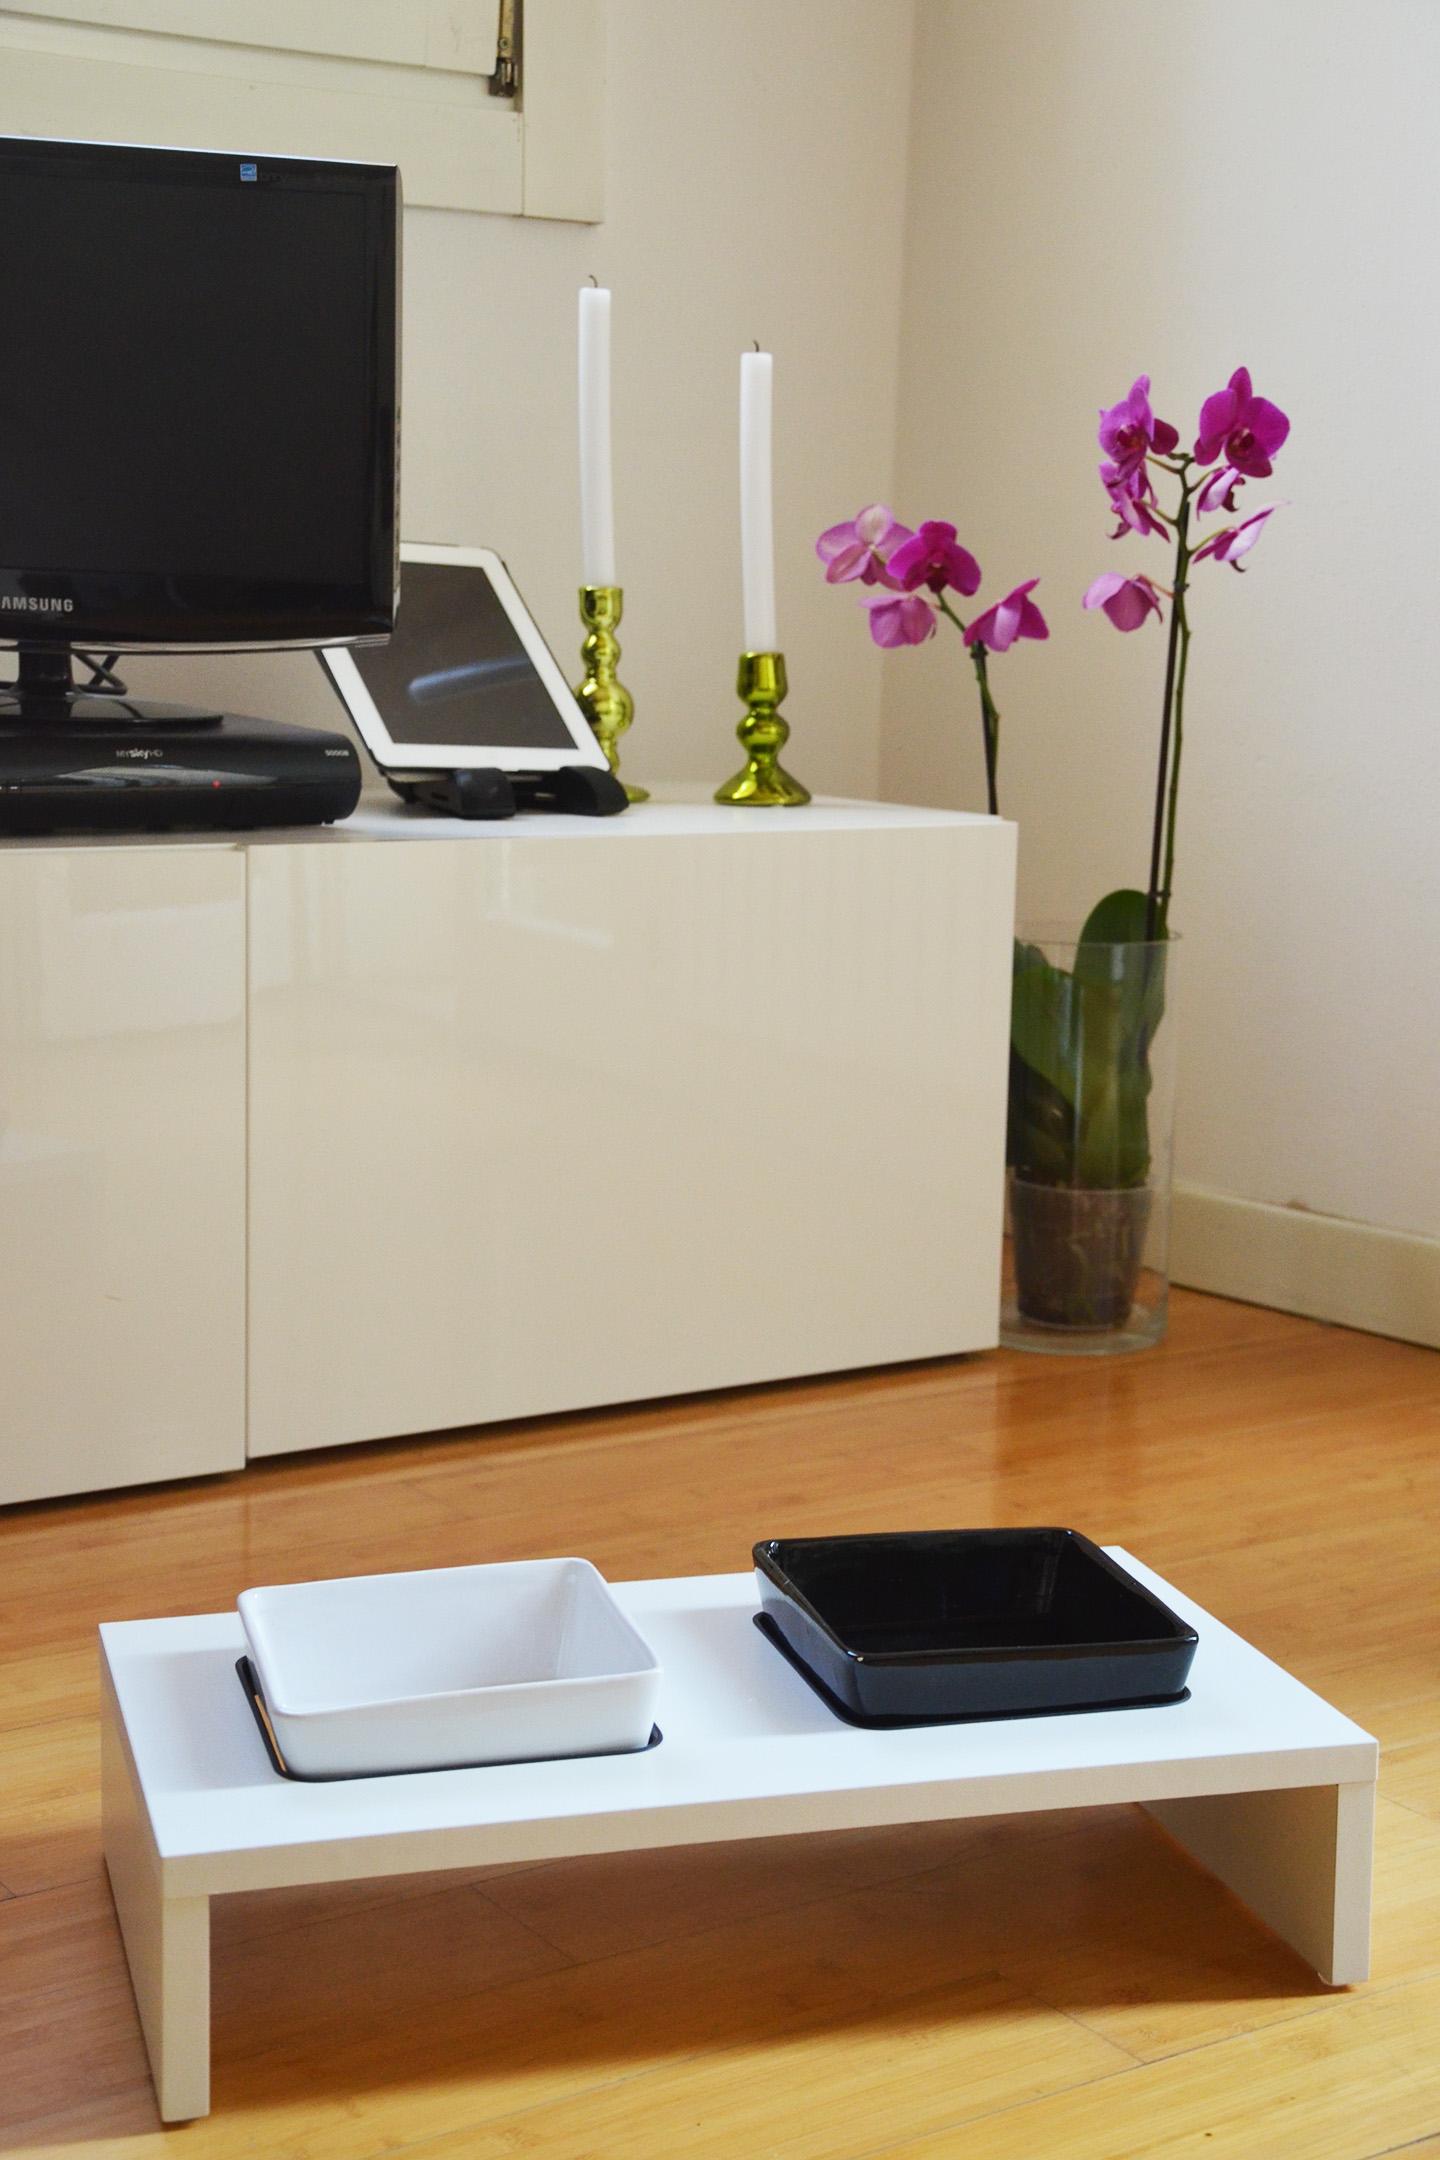 interior-design-maki-ciotole-cane-ferplast-arredamento-giapponese-giappone